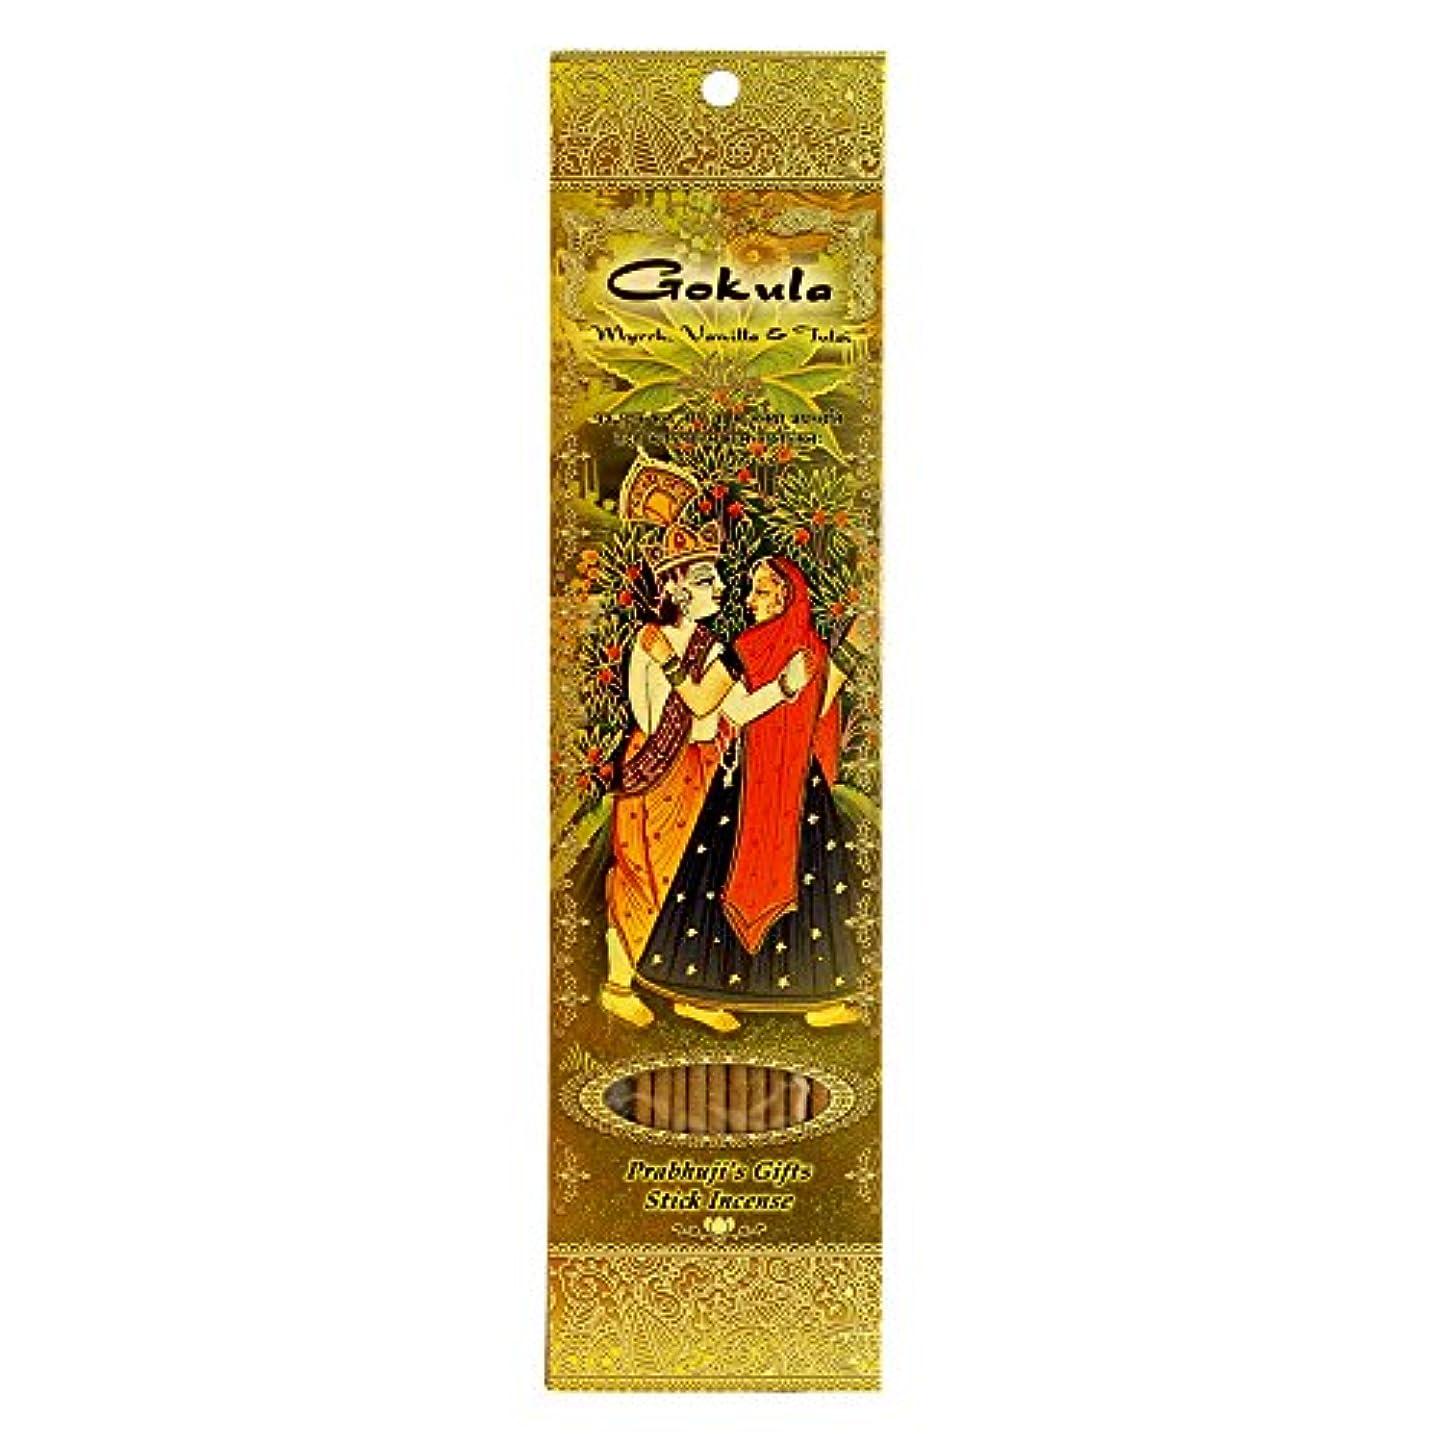 約規制するランドリーIncense Sticks Gokula – Myrrh、バニラ、Tulsi